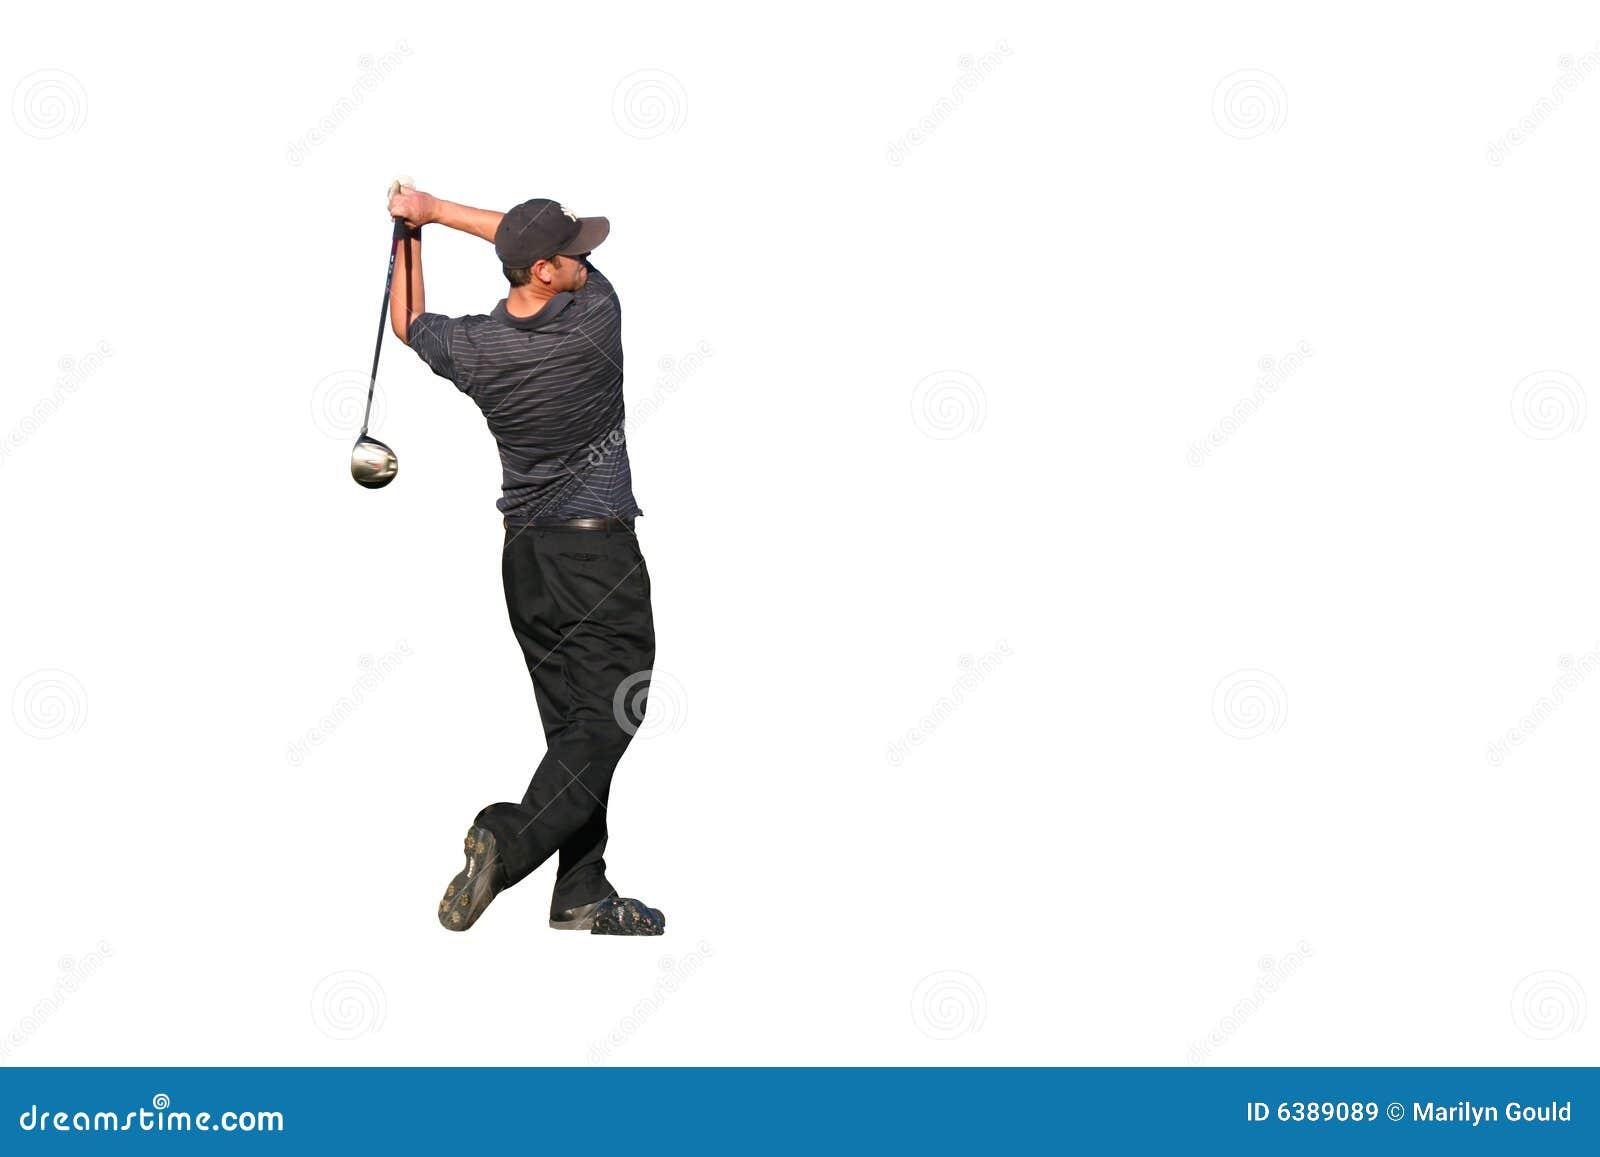 Prawdziwy golfiarz strzału odizolowane tee